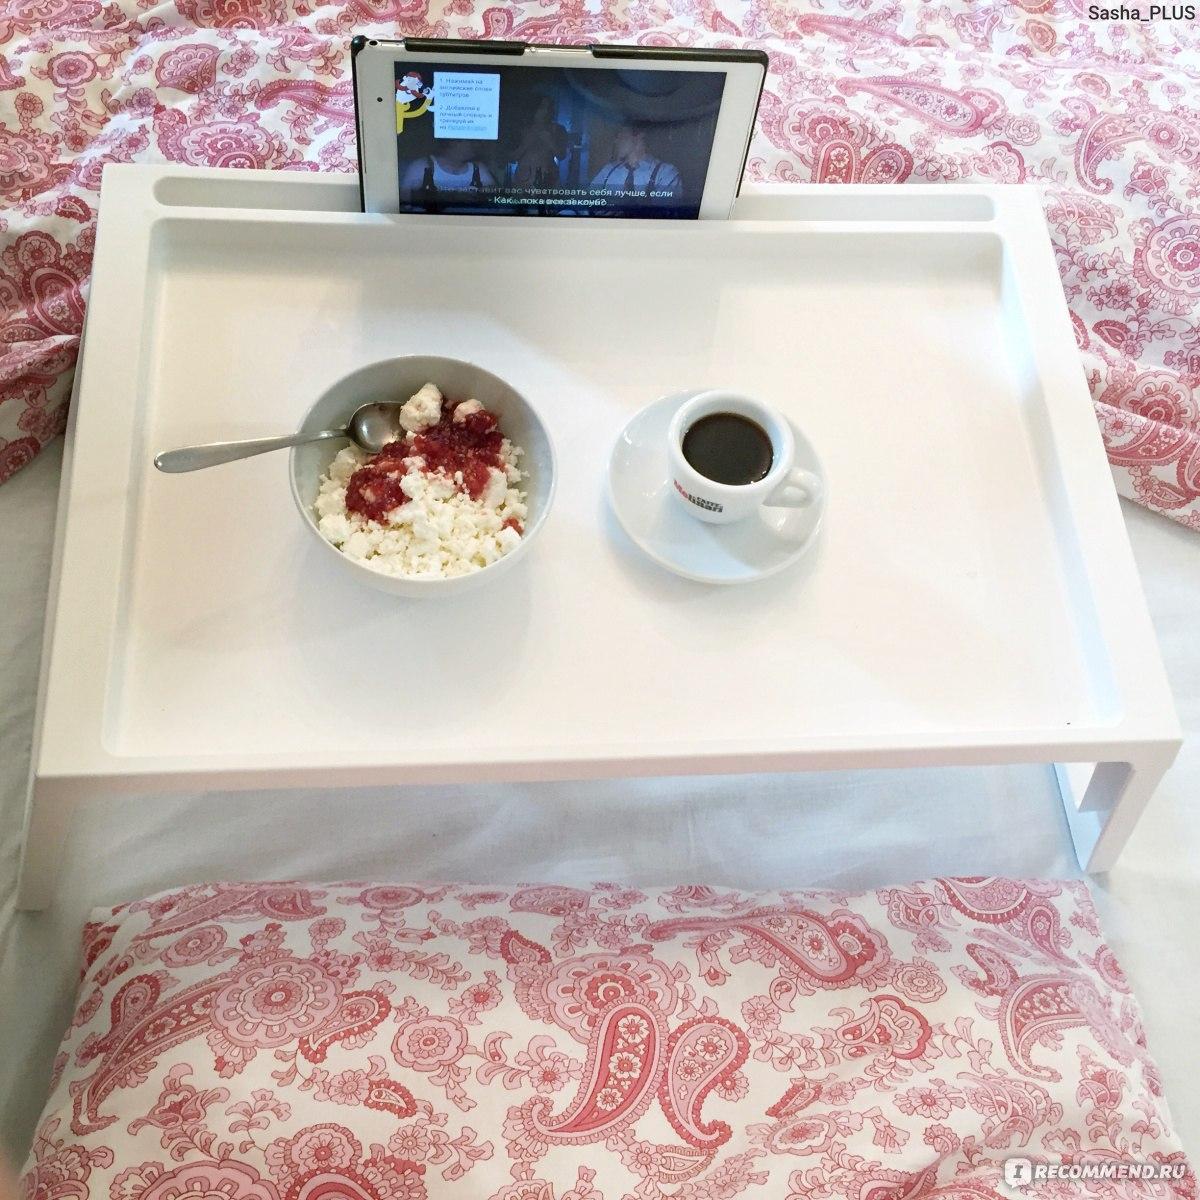 поднос Ikea клипск на ножках завтрак в постель как в кино купите